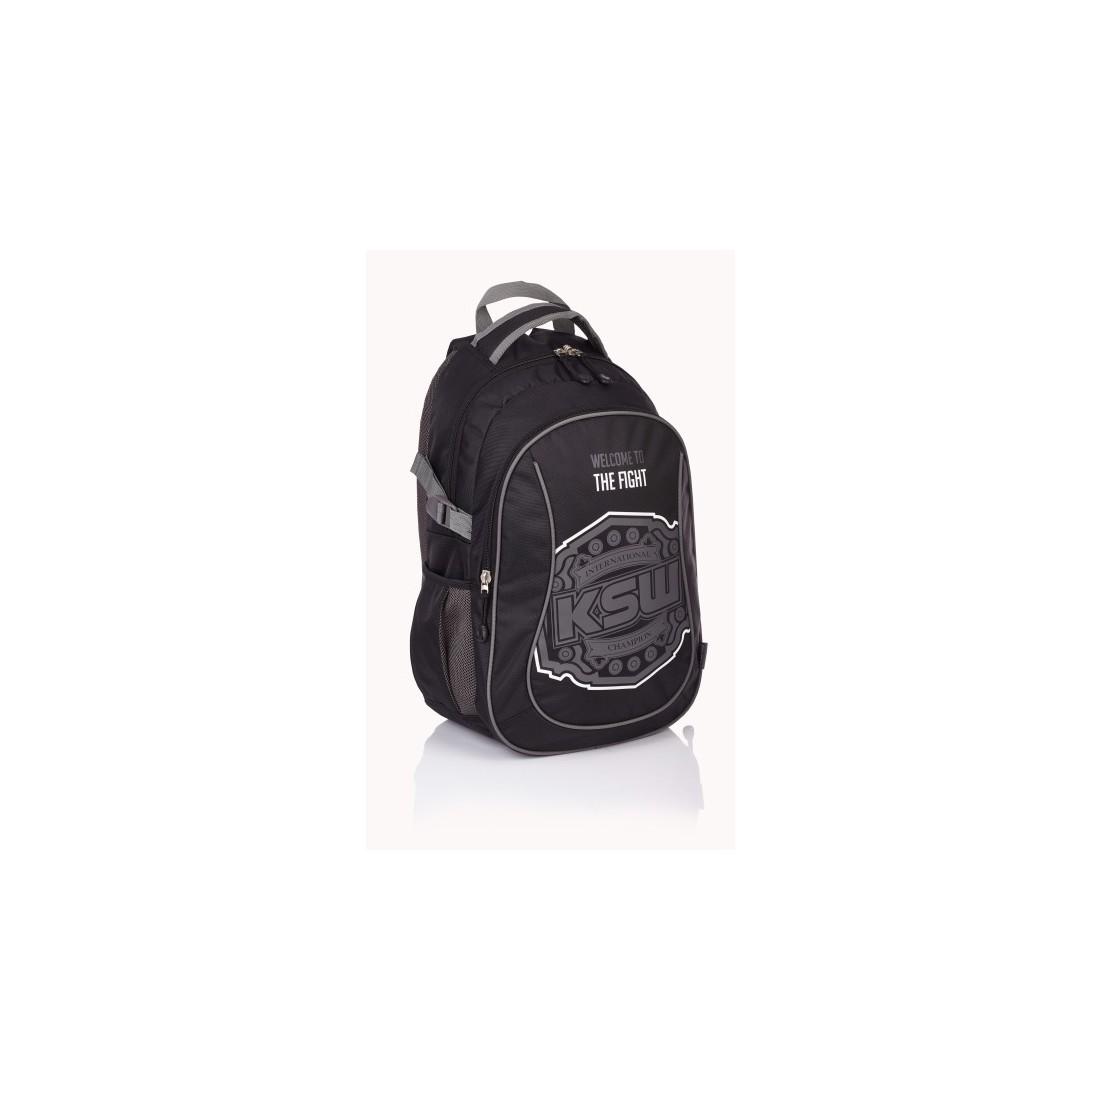 Plecak miejski KSW czarny z kieszeniami i nadrukami